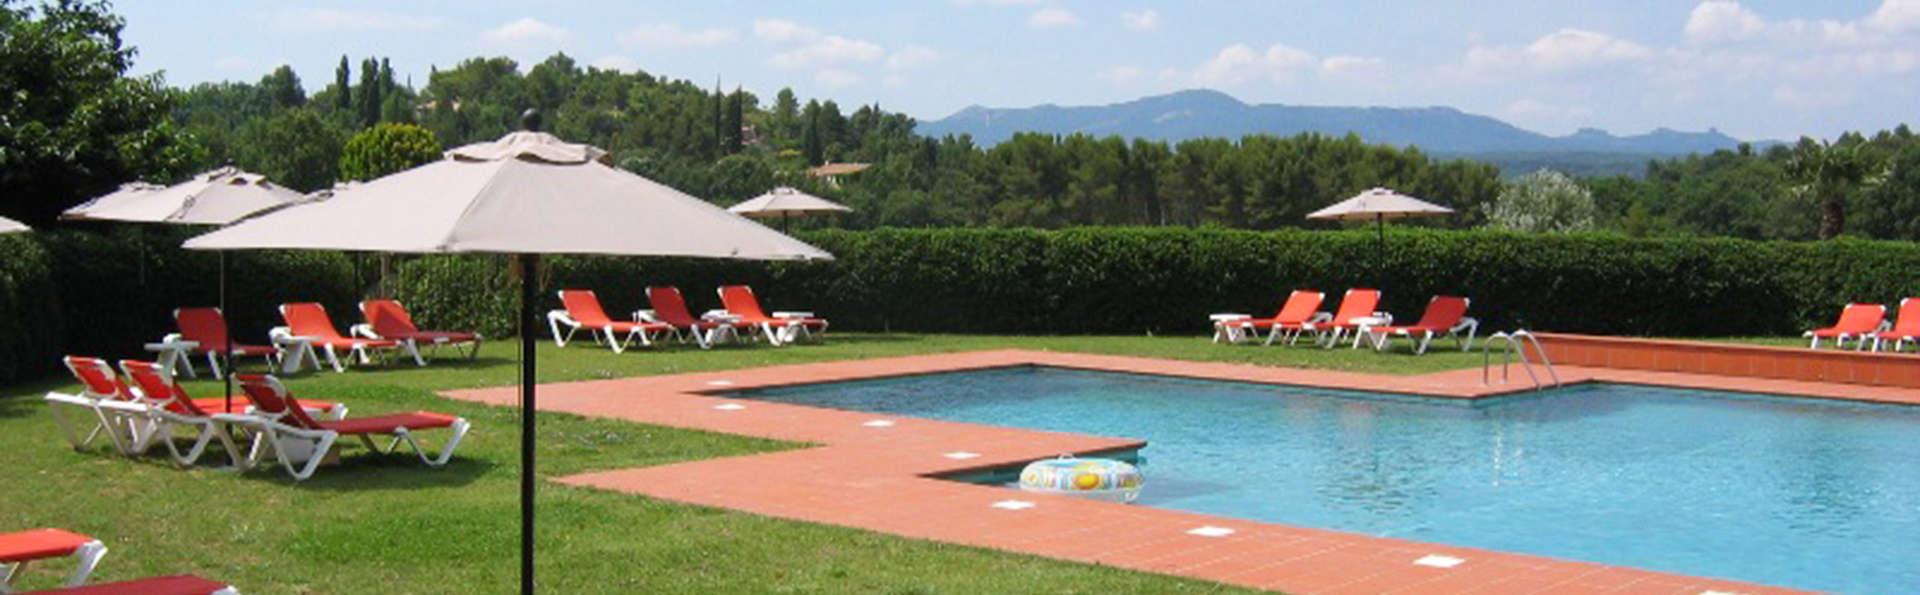 Séjour romantique avec chocolat et champagne dans un hôtel provençal avec piscine et restaurant